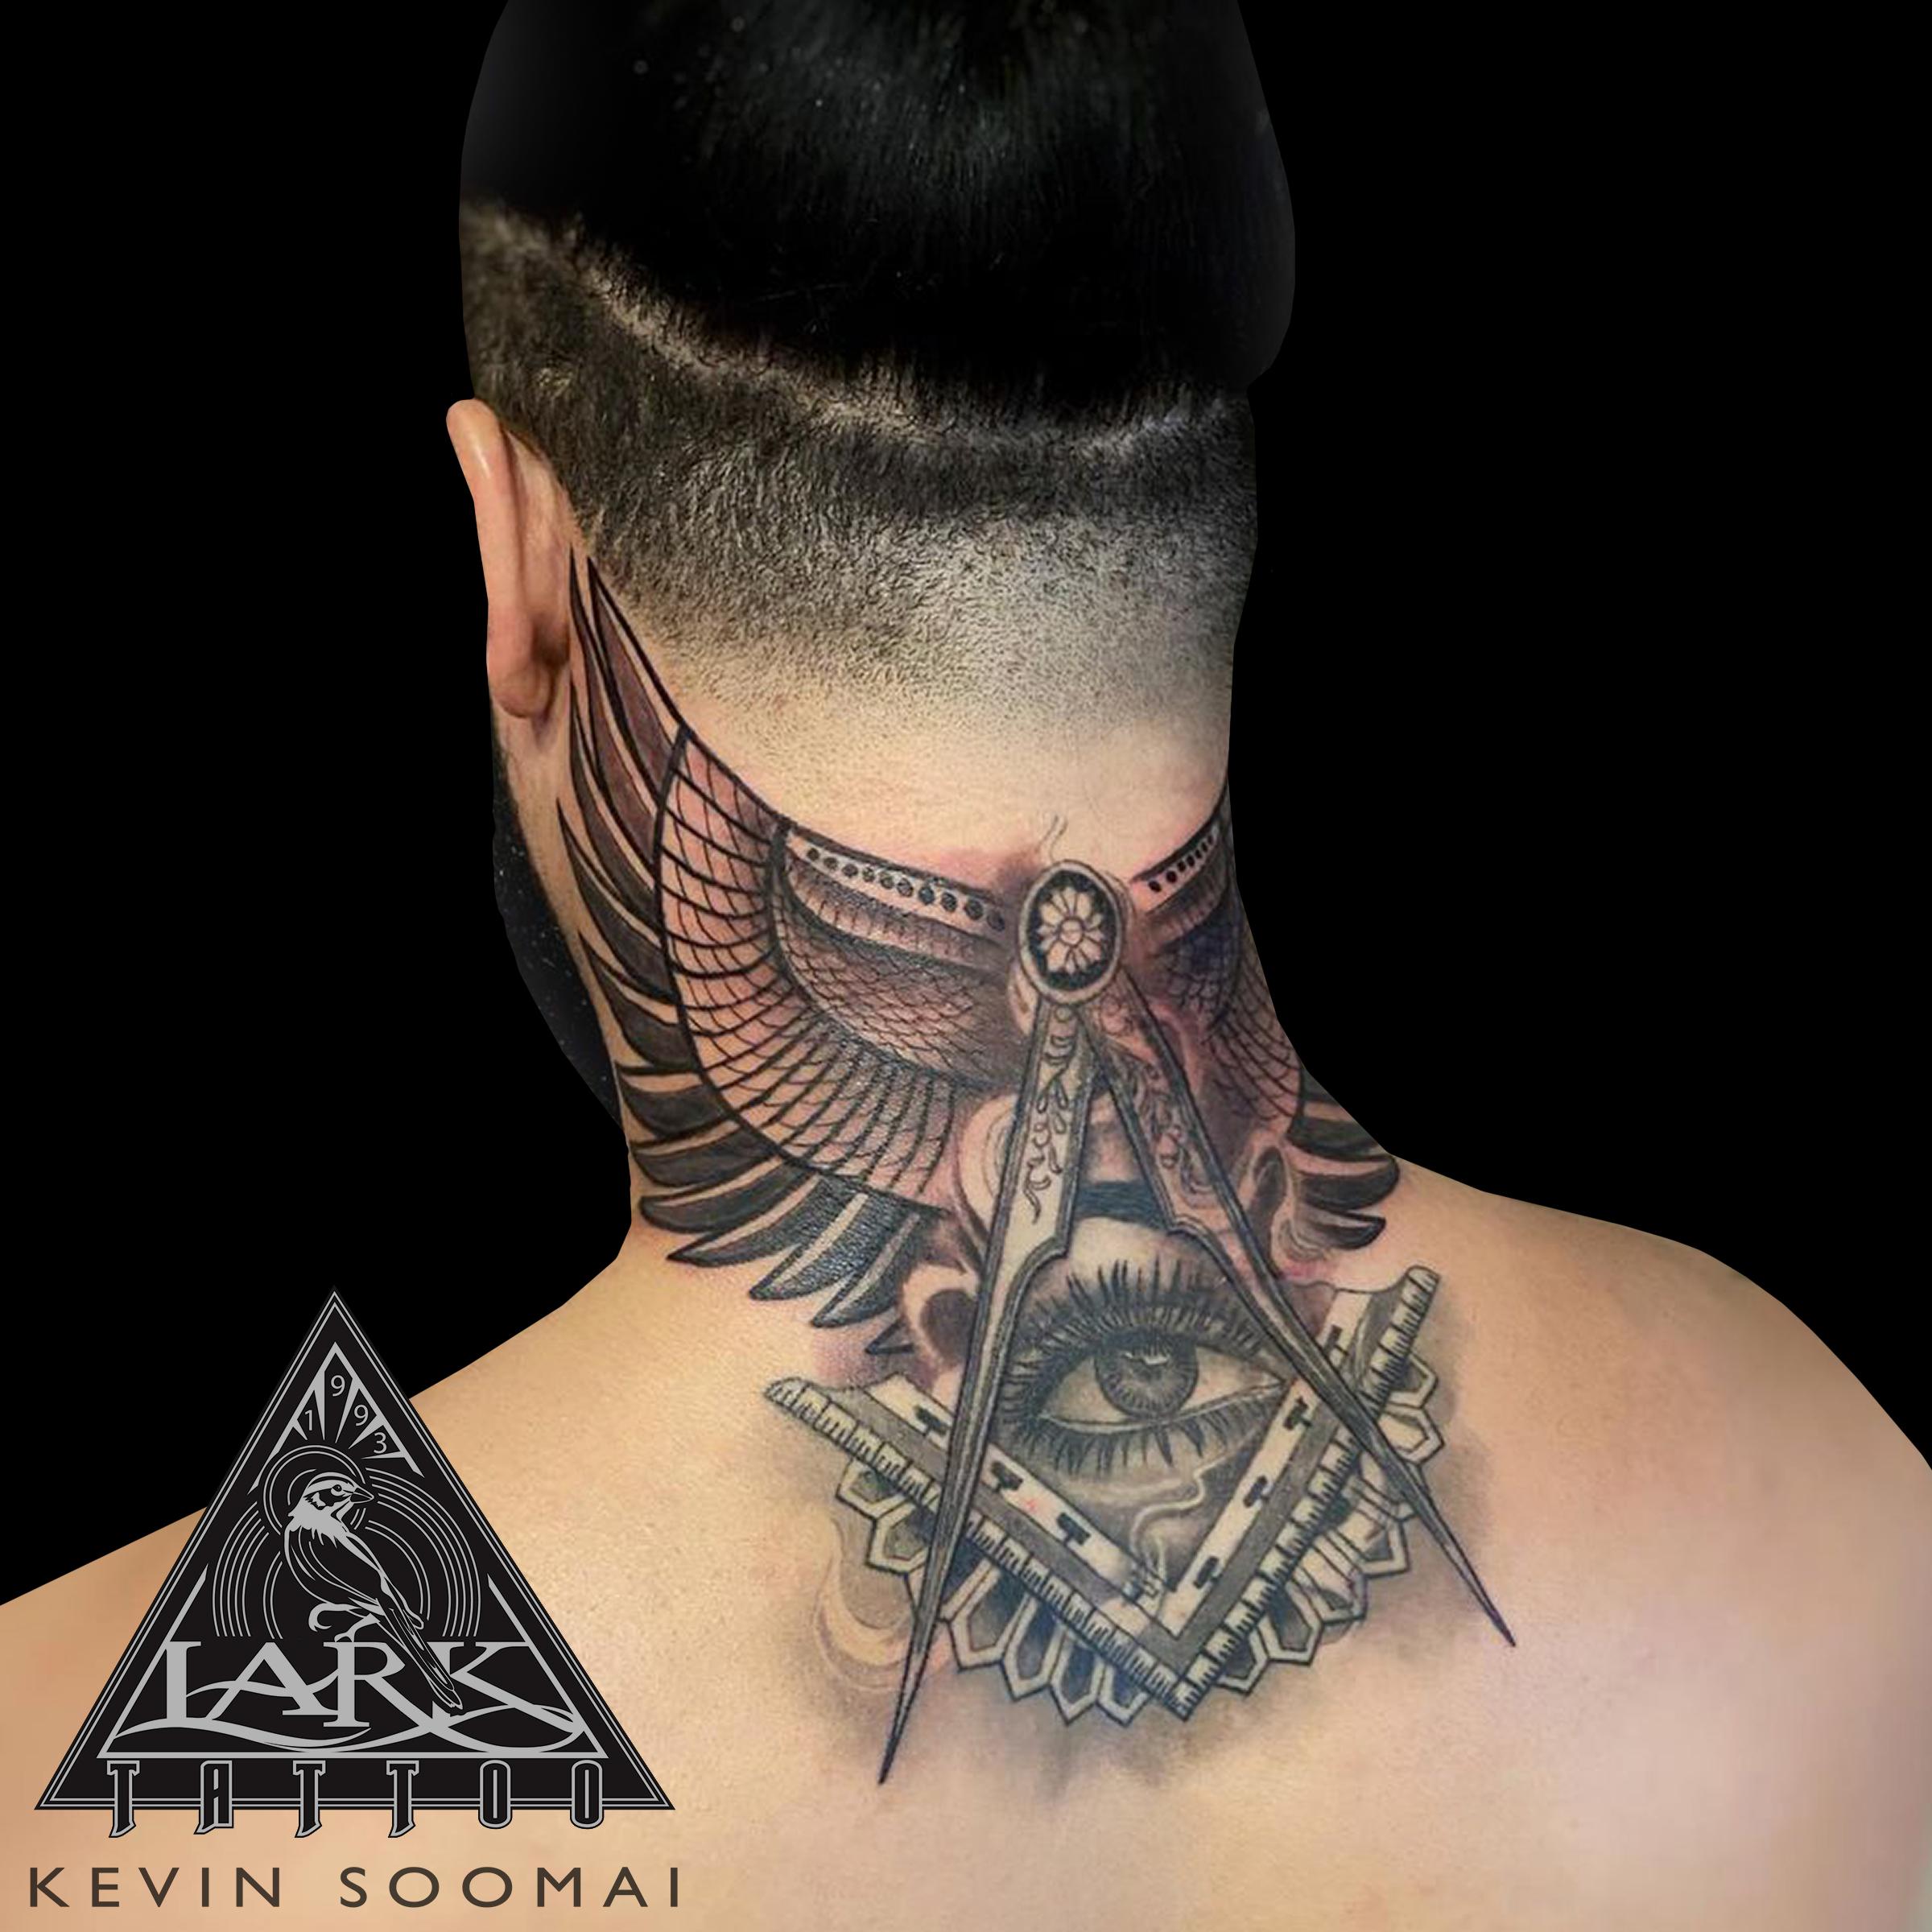 #LarkTattoo #KevinSoomai #KevinSoomaiLarkTattoo #Tattoo #Tattoos #AllSeeingEye #AllSeeingEyeTattoo #ShiningSquare #ShiningSquareTattoo #Compass #CompassTattoo #ShiningSquareAndCompass #ShiningSquareAndCompassTattoo #Masonic #MasonicTattoo #MasonicSquareAndCompass #MasonicSquareAndCompassTattoo #SquareAndCompass #SquareAndCompassTattoo #Freemason #FreemasonTattoo #BNG #BNGTattoo #BlackAndGray #BlackAndGrayTattoo #BlackAndGrey #BlackAndGreyTattoo #NeckTattoo #BackTattoo #TattooArtist #Tattoist #Tattooer #LongIslandTattooArtist #LongIslandTattooer #LongIslandTattoo #TattooOfTheDay #Tat #Tats #Tatts #Tatted #Inked #Ink #TattooInk #AmazingInk #AmazingTattoo #BodyArt #LarkTattooWestbury #Westbury #LongIsland #NY #NewYork #USA #Art #Tattedup #InkedUp #LarkTattoos